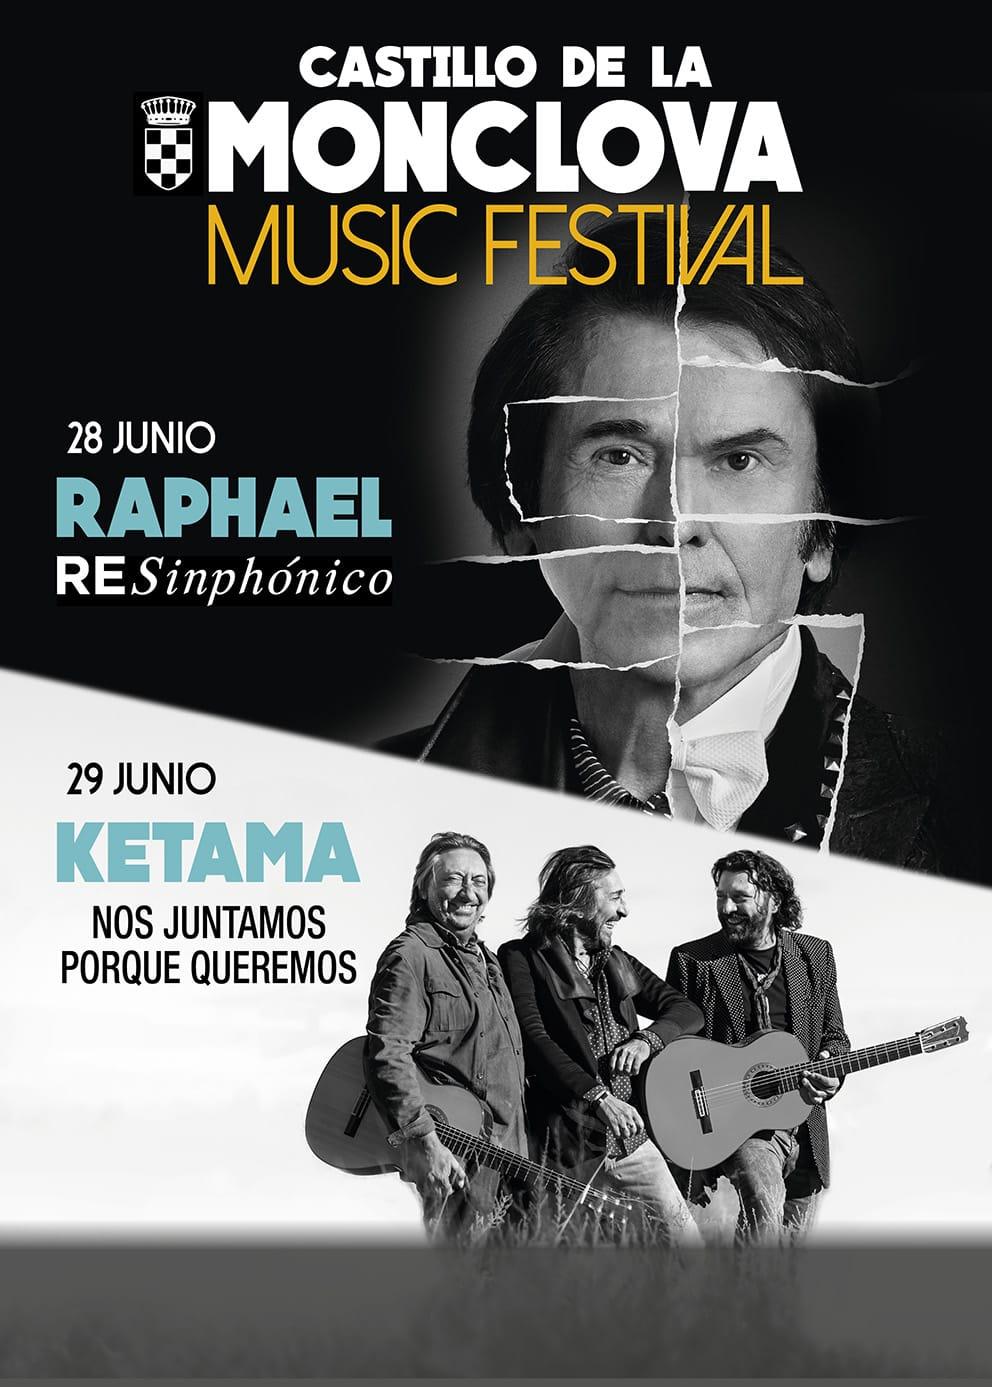 Raphael y Ketama completan el cartel del Festival de la Monclova